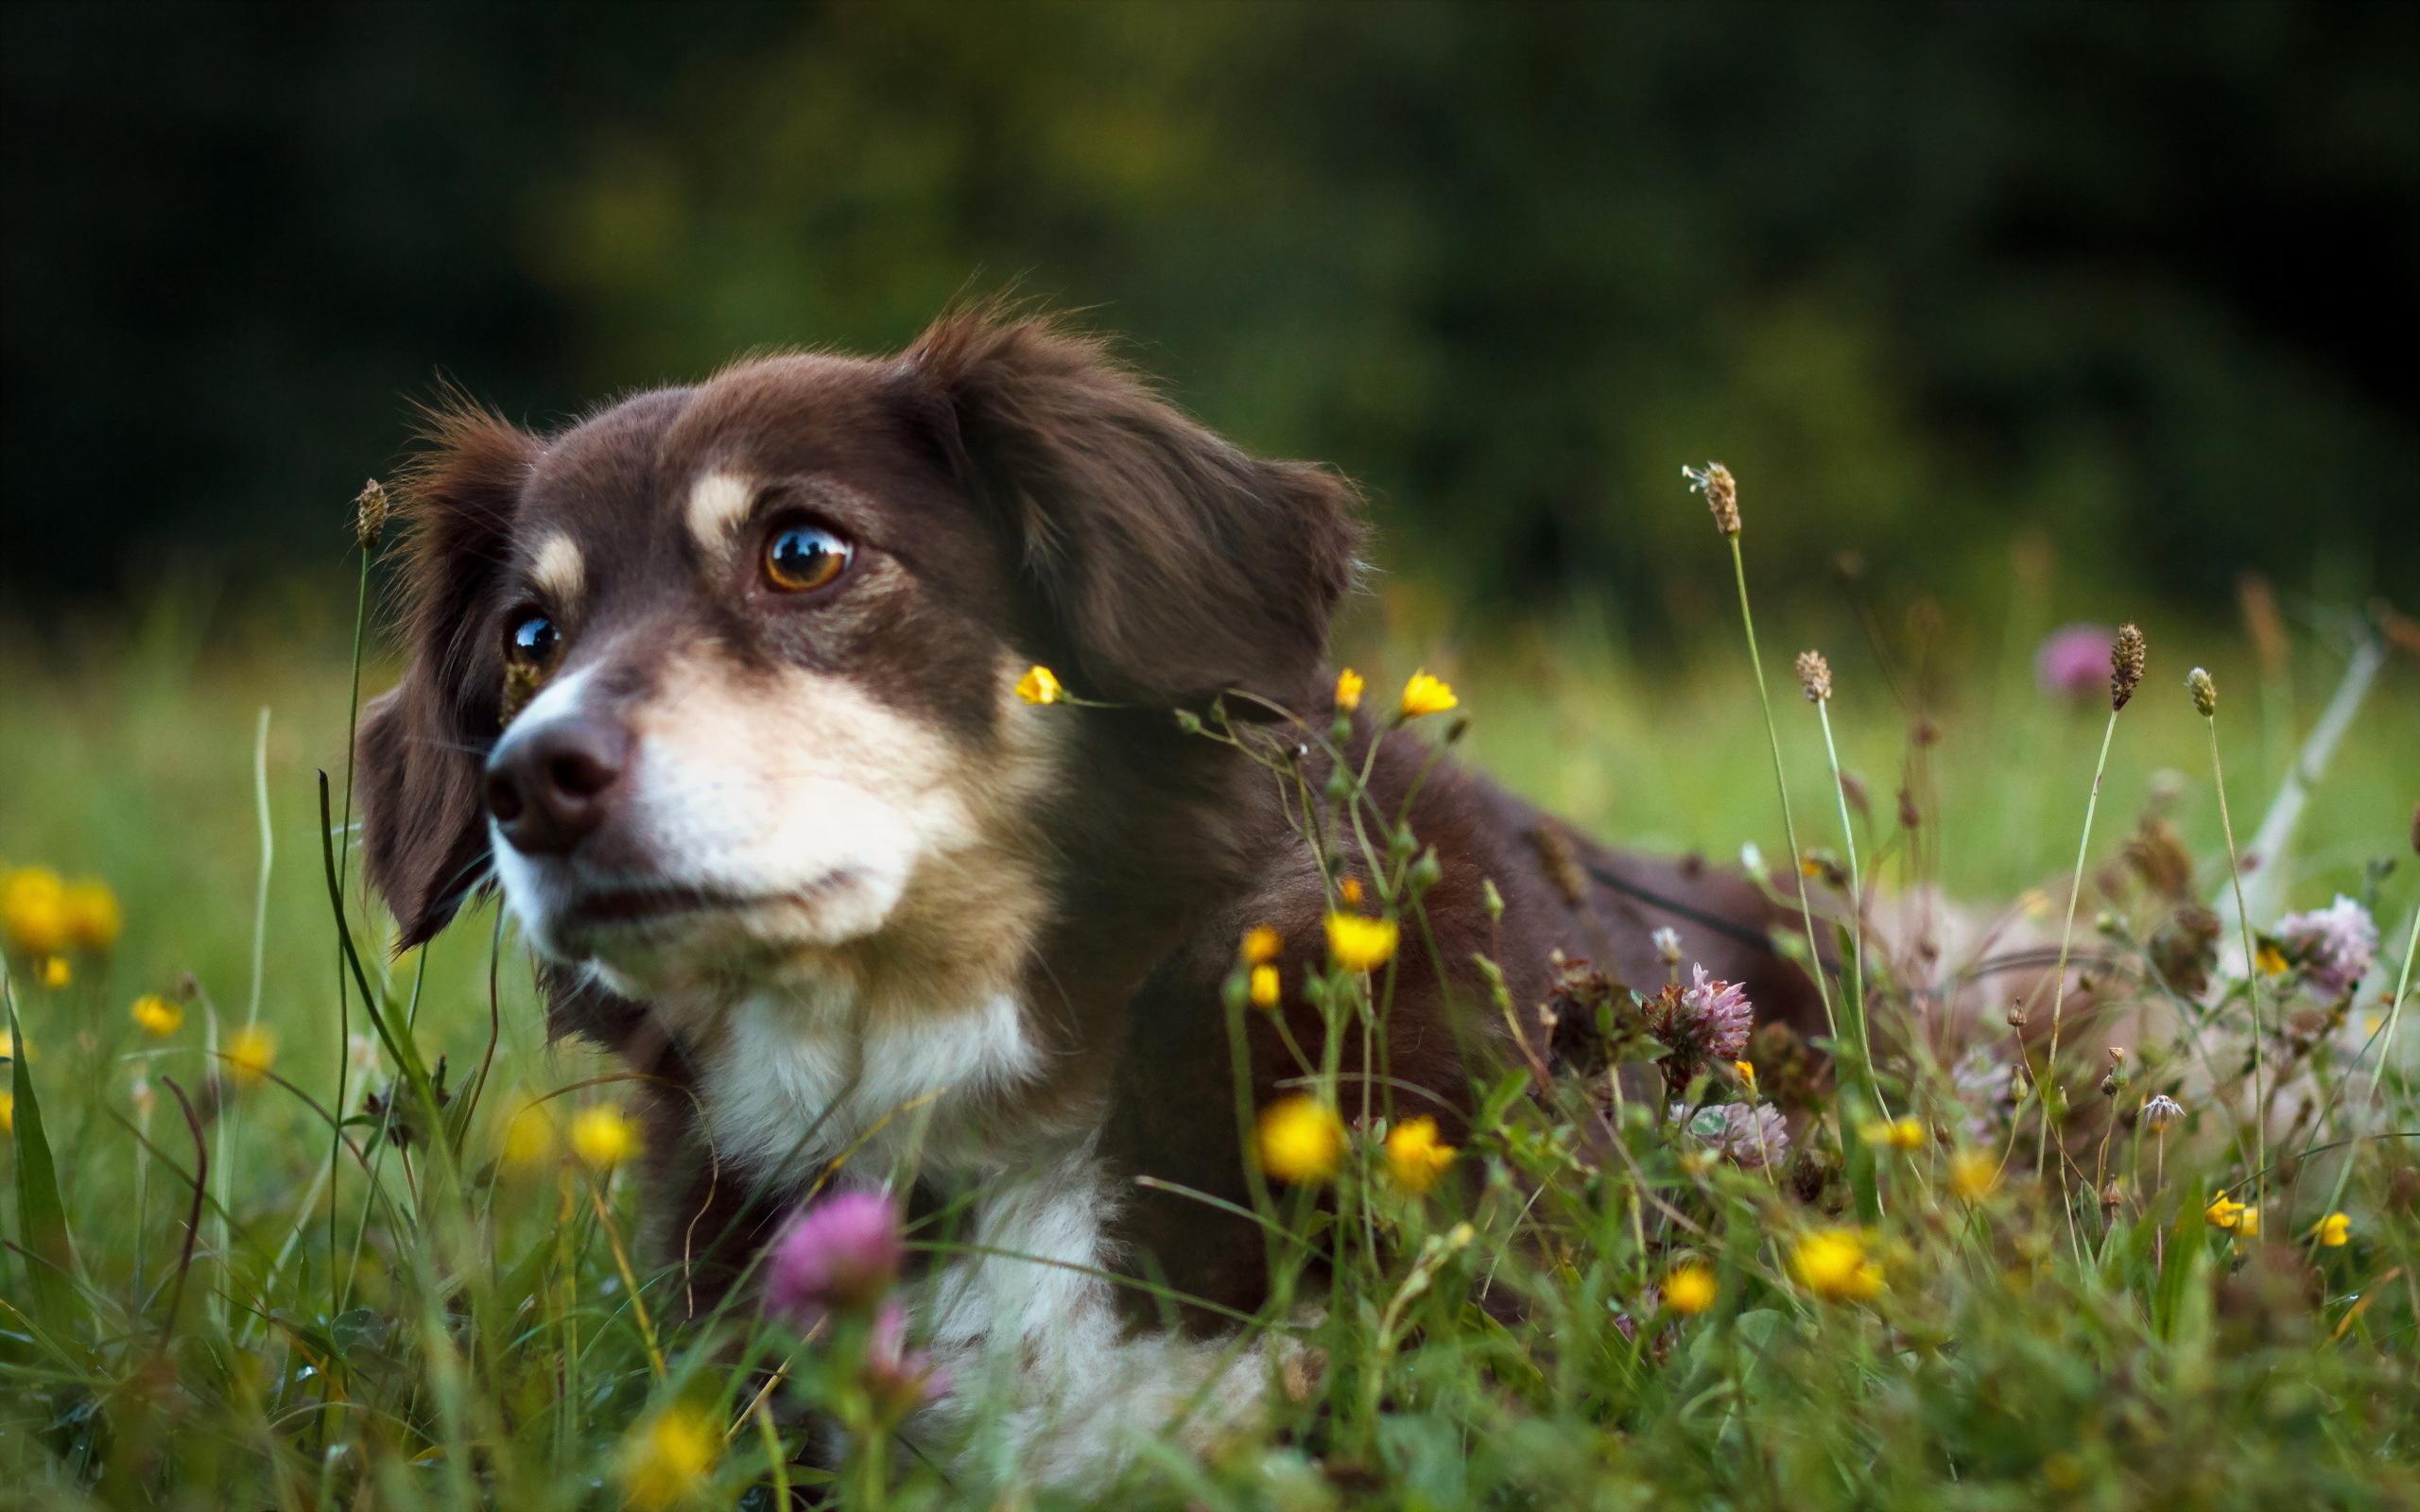 собака животное природа  № 690792 загрузить